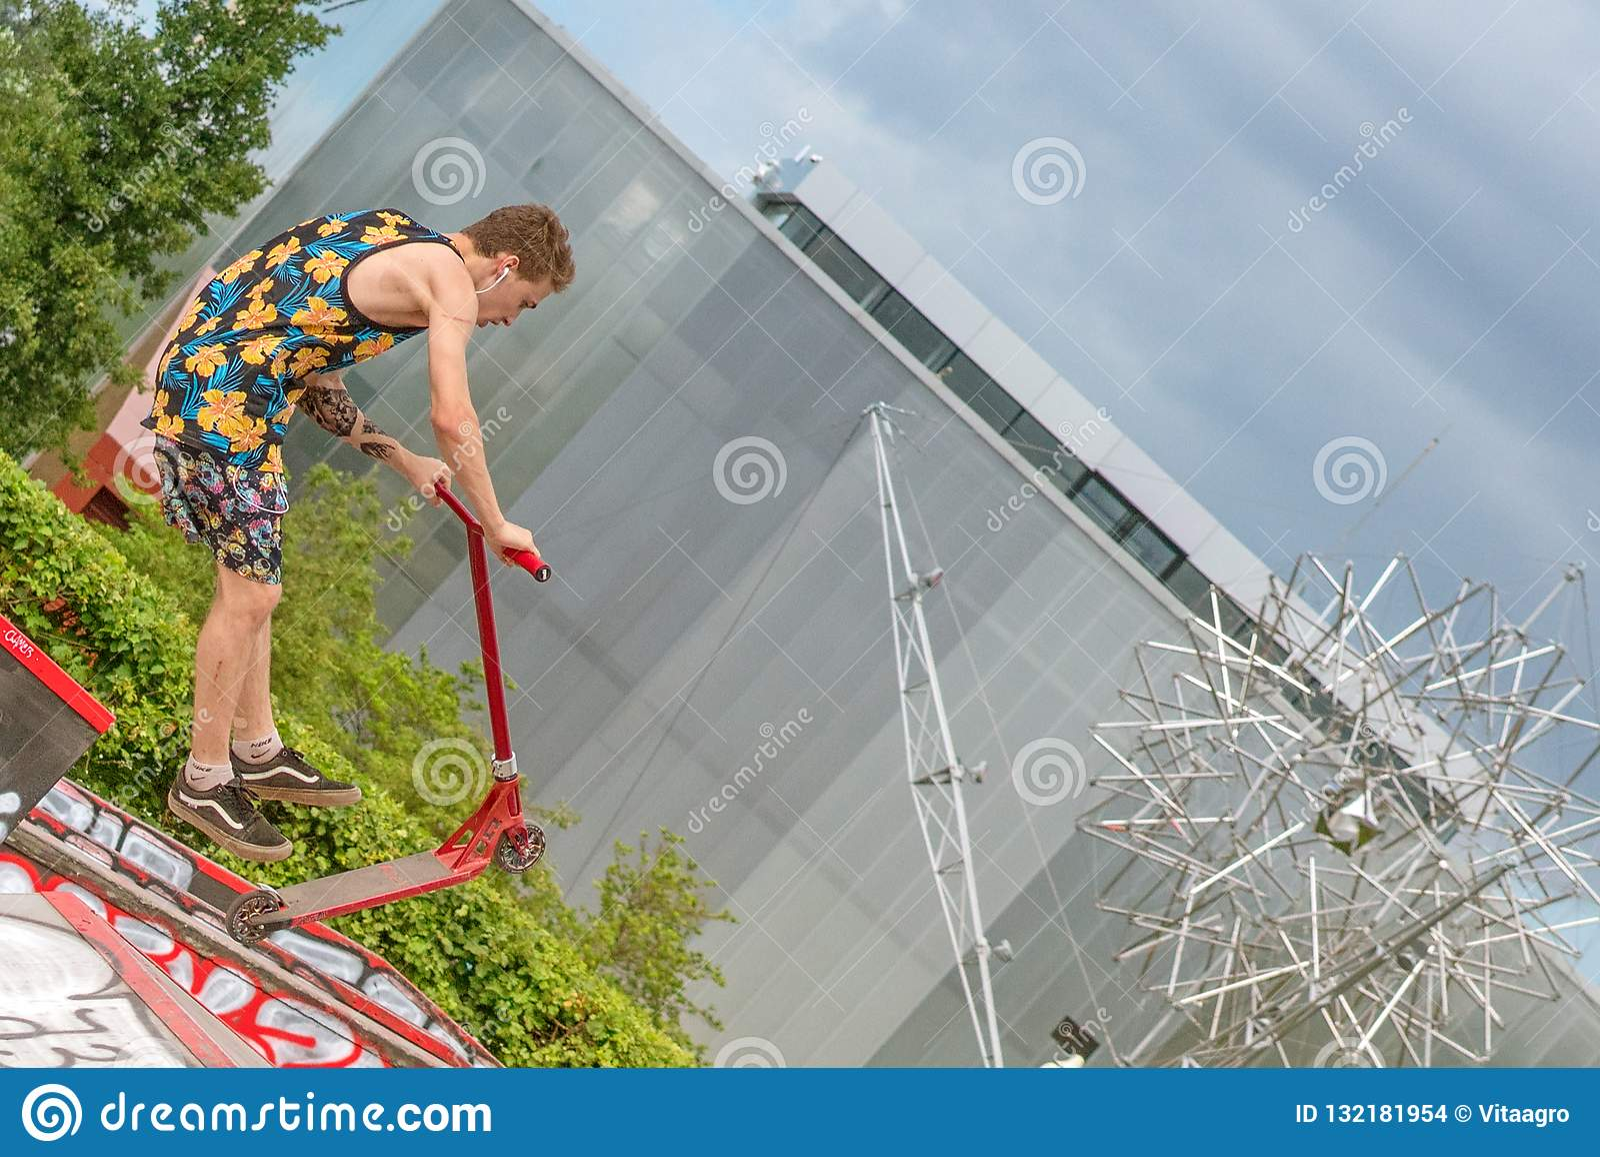 Moscú, Rusia - 21 de junio de 2018: Hombre joven con un salto de la vespa